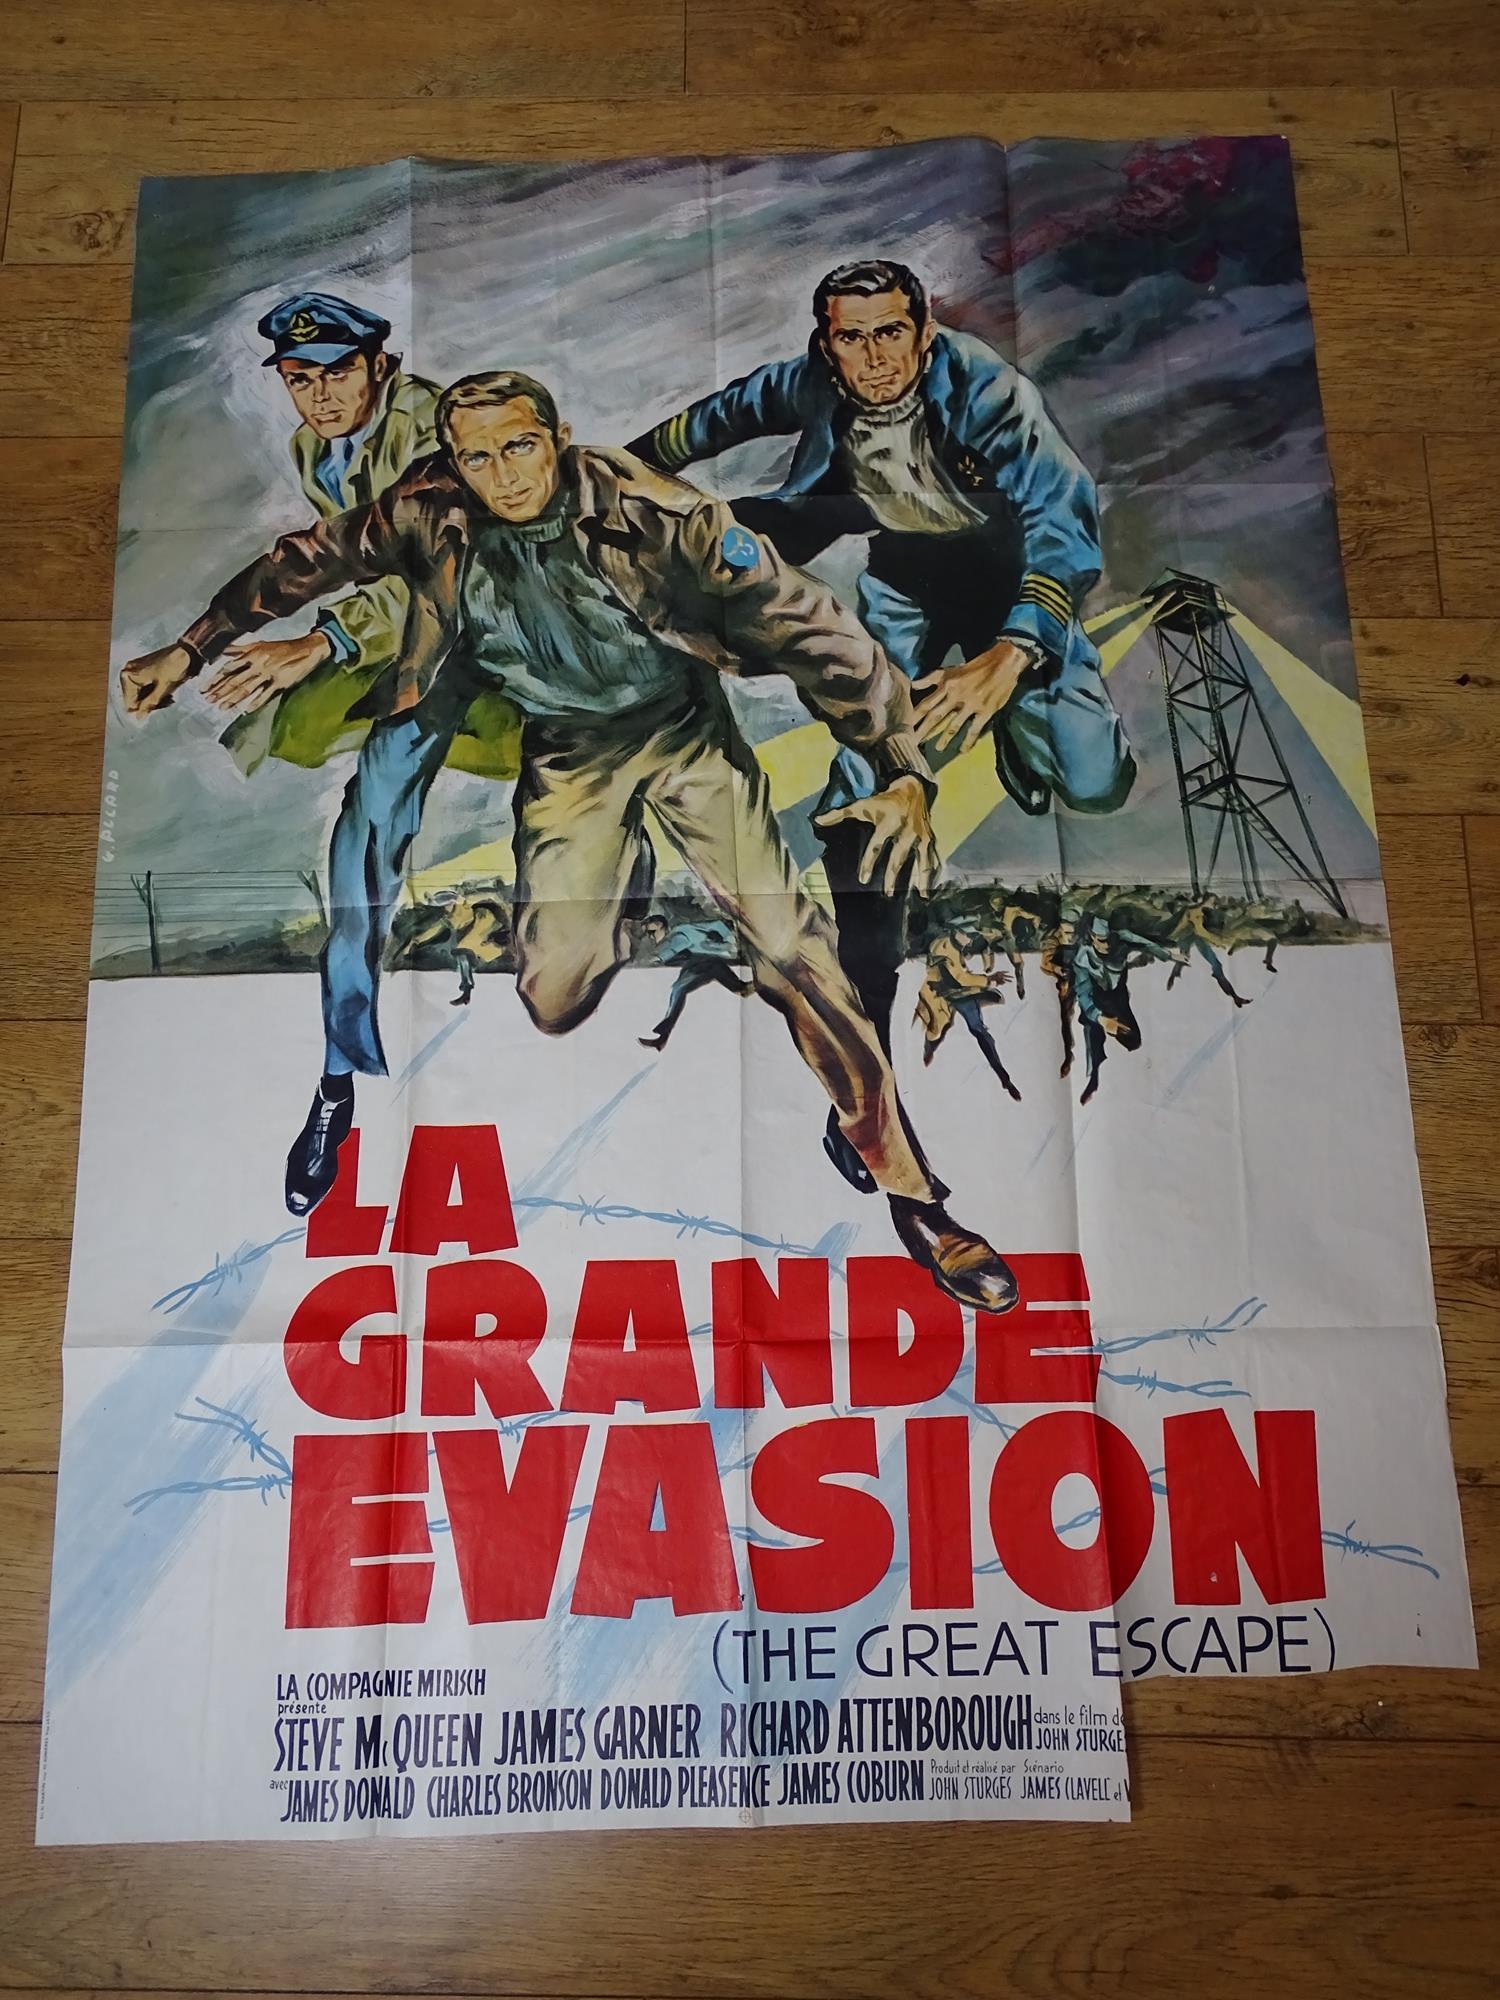 """LA GRANDE EVASION (THE GREAT ESCAPE) - French 'Grande' Affiche movie poster 46"""" x 63"""" (117 x 160 cm)"""